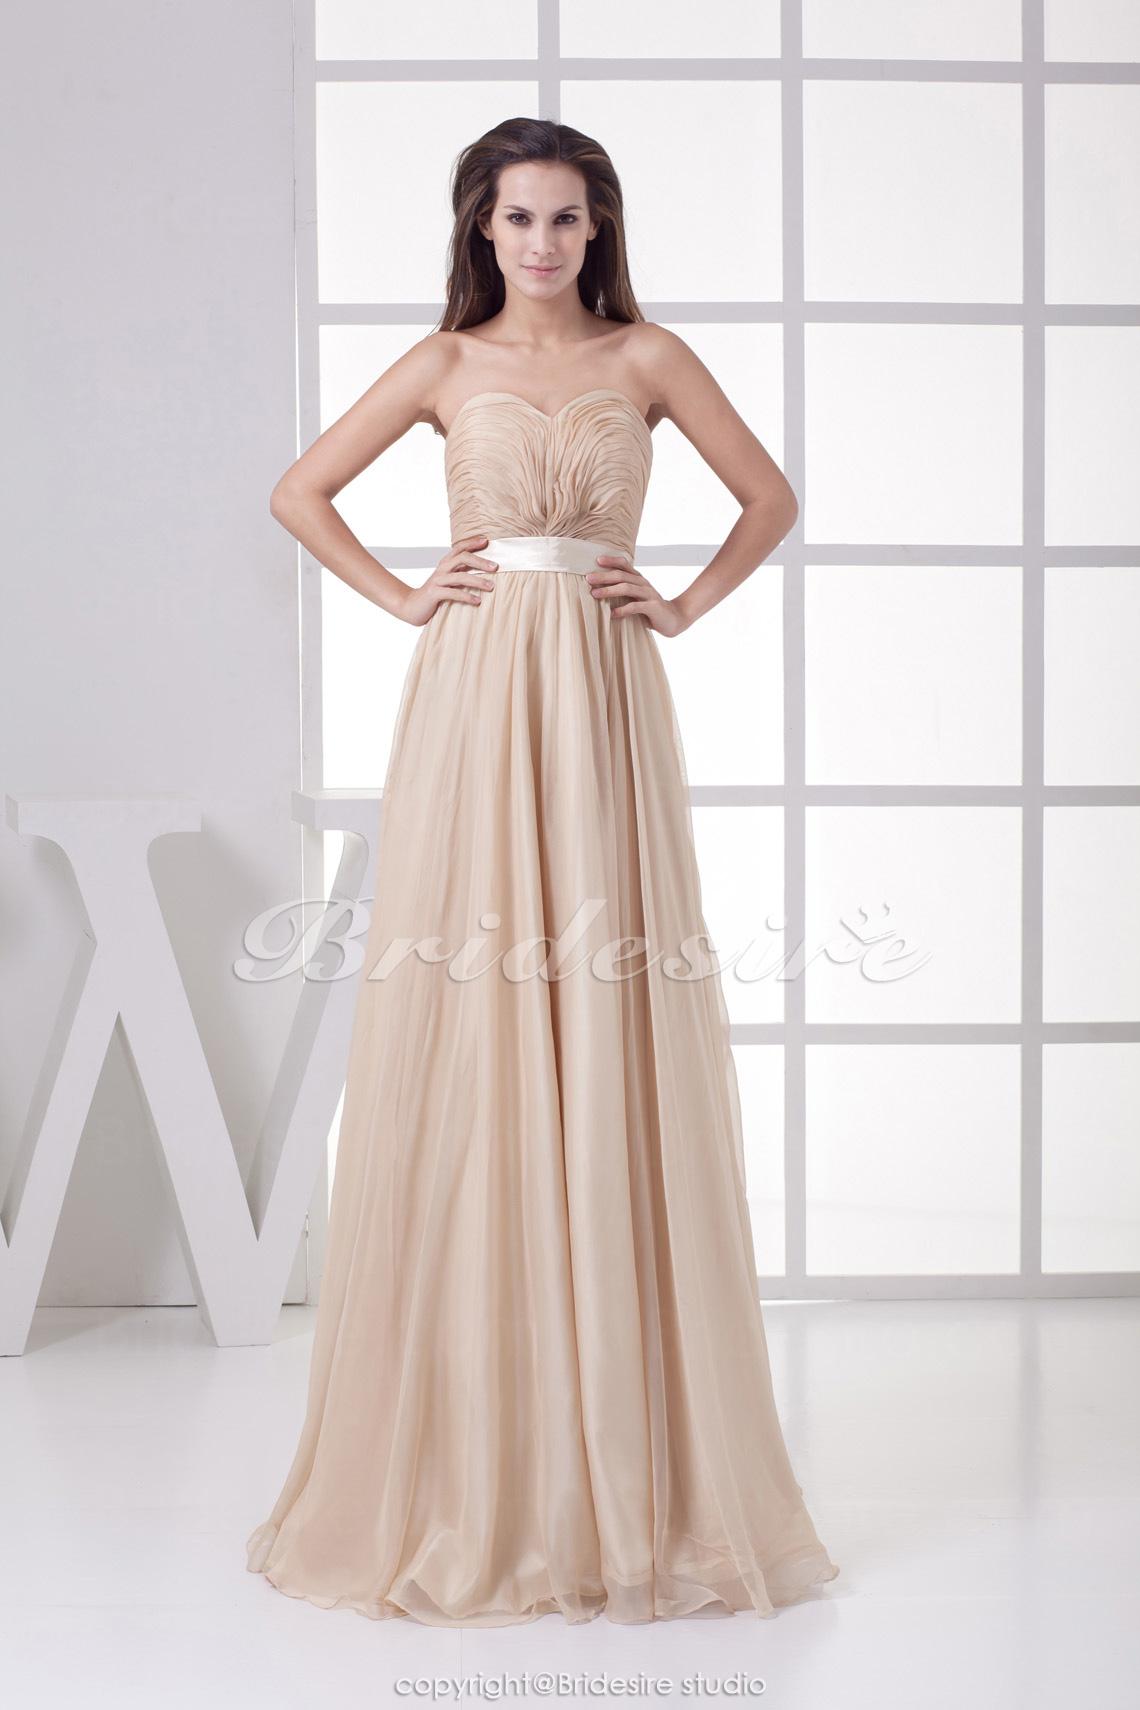 77c3f4505 Bridesire - Corte Recto Escote Corazón Hasta el Suelo Sin Mangas Gasa  Vestido  BD4506  - €114.20   Bridesire